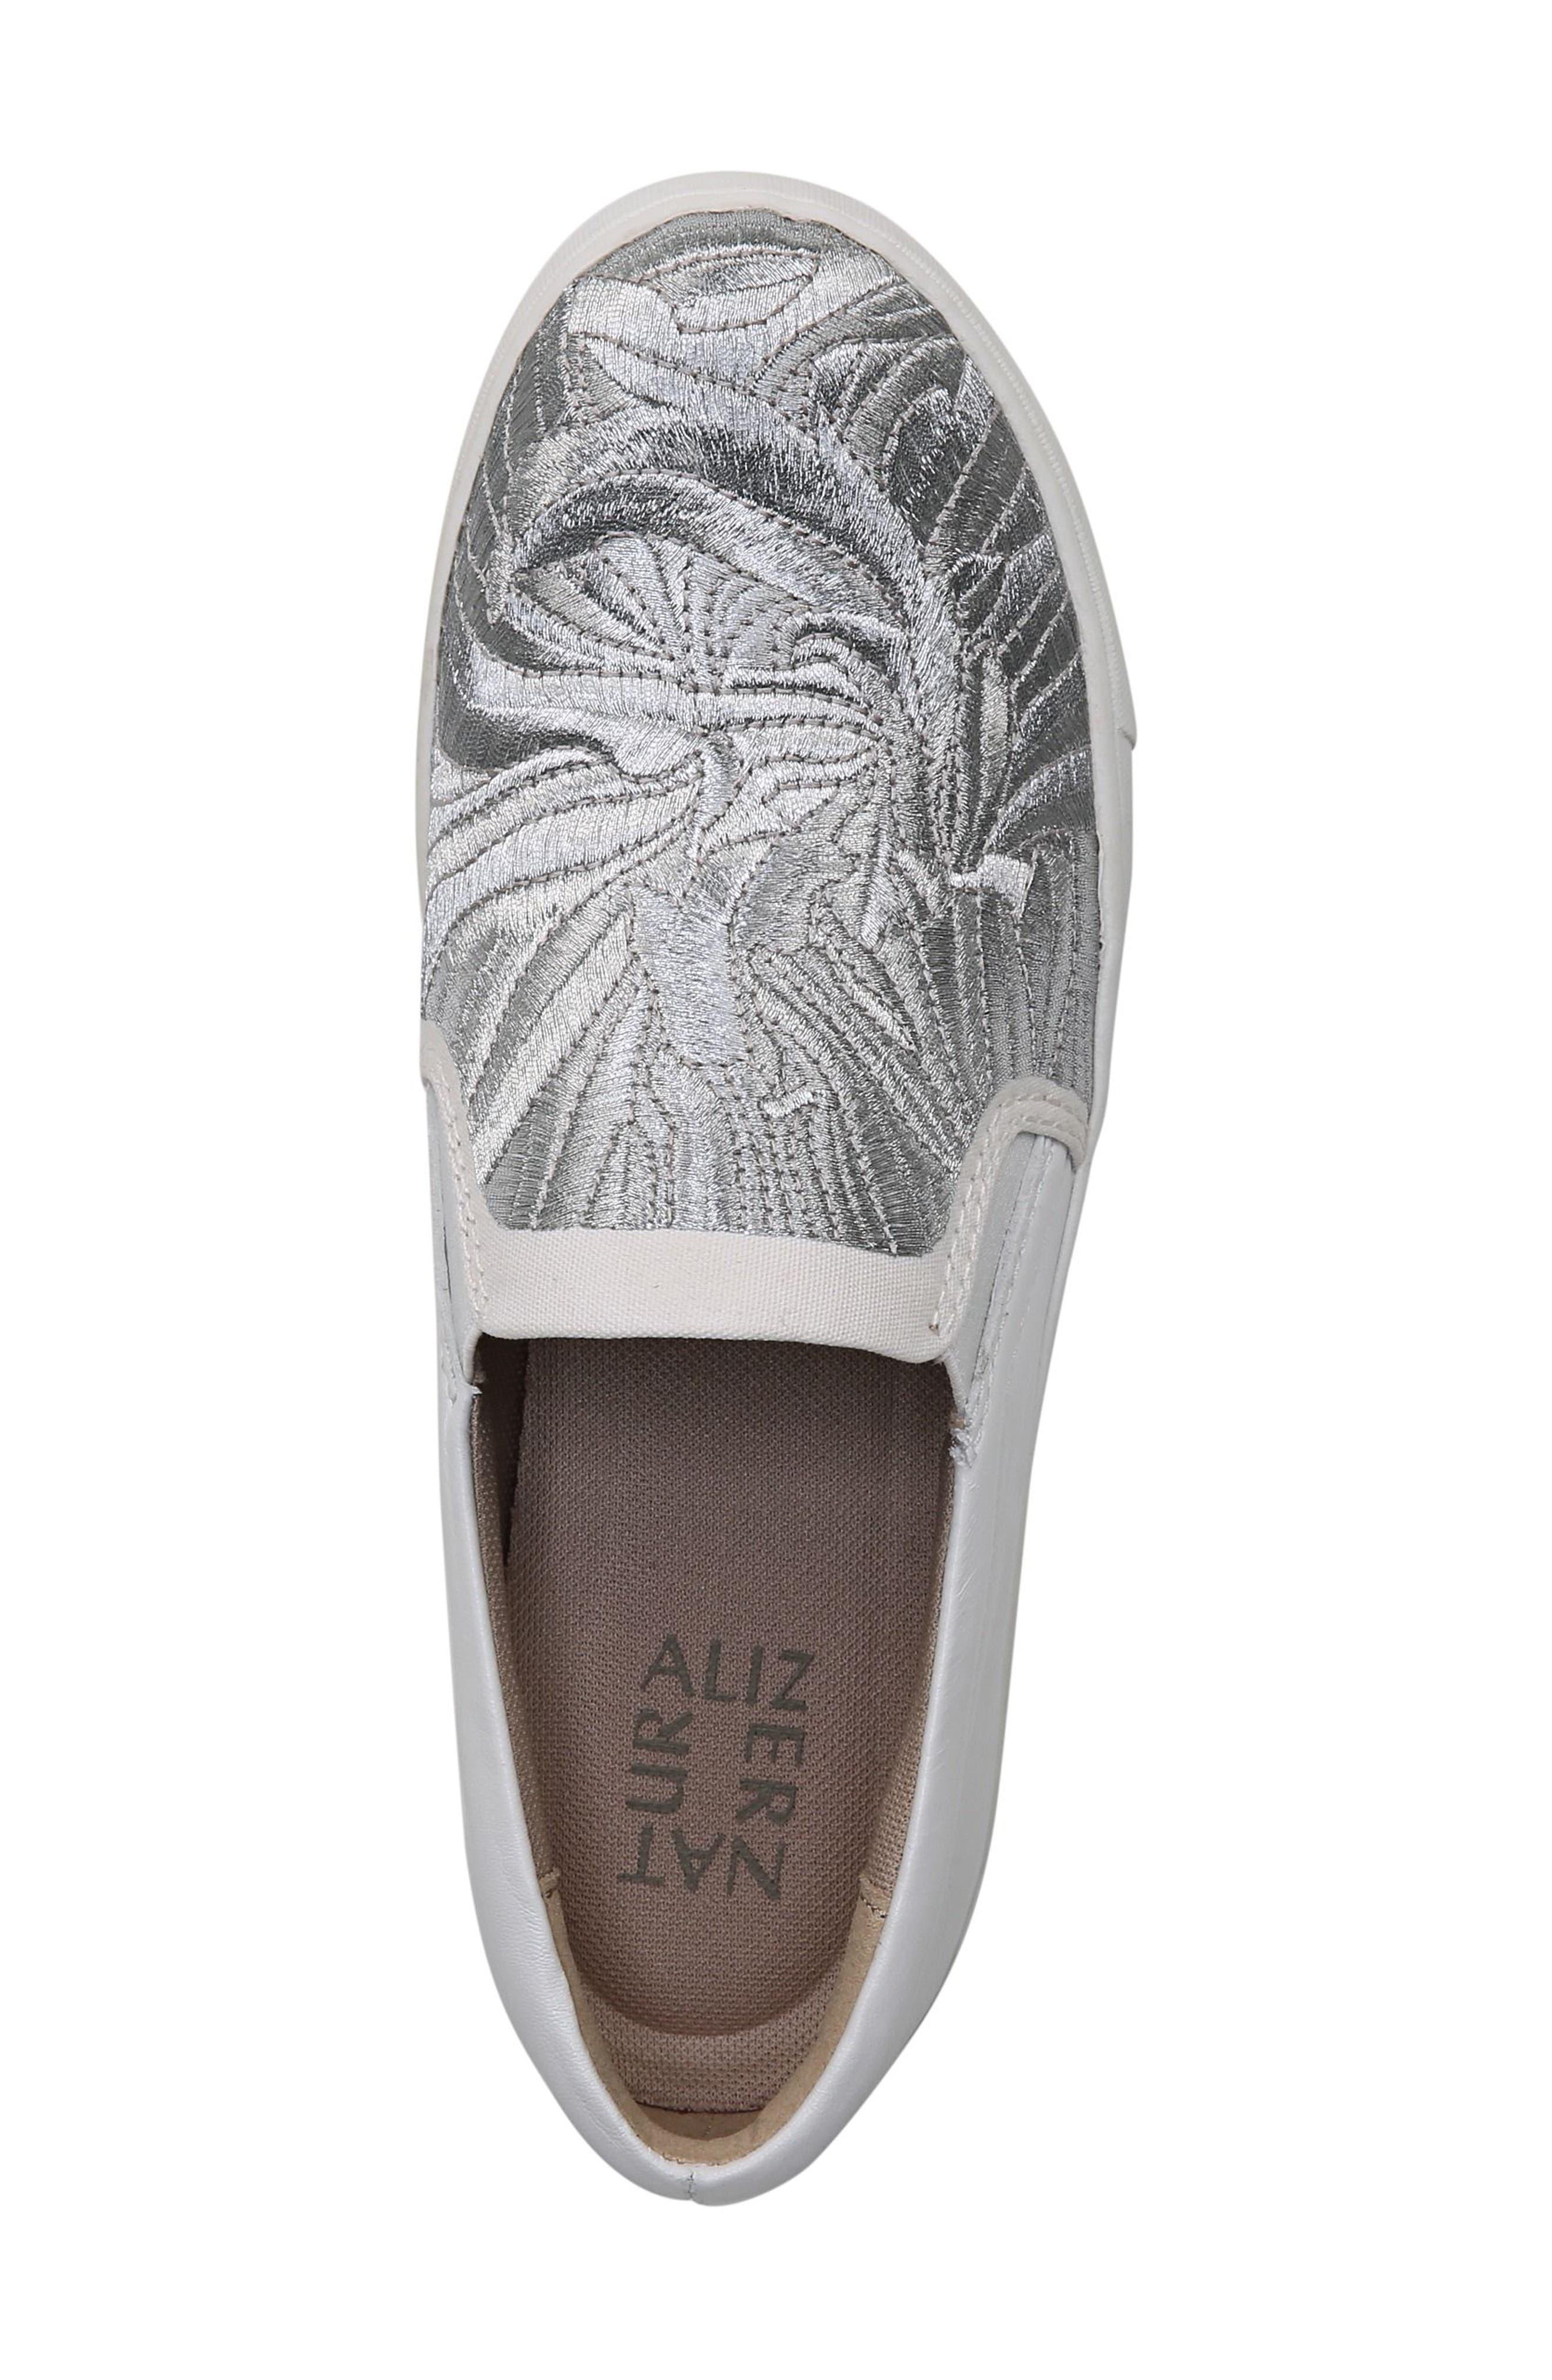 Marianne Slip-On Sneaker,                             Alternate thumbnail 4, color,                             White/ Silver Leather